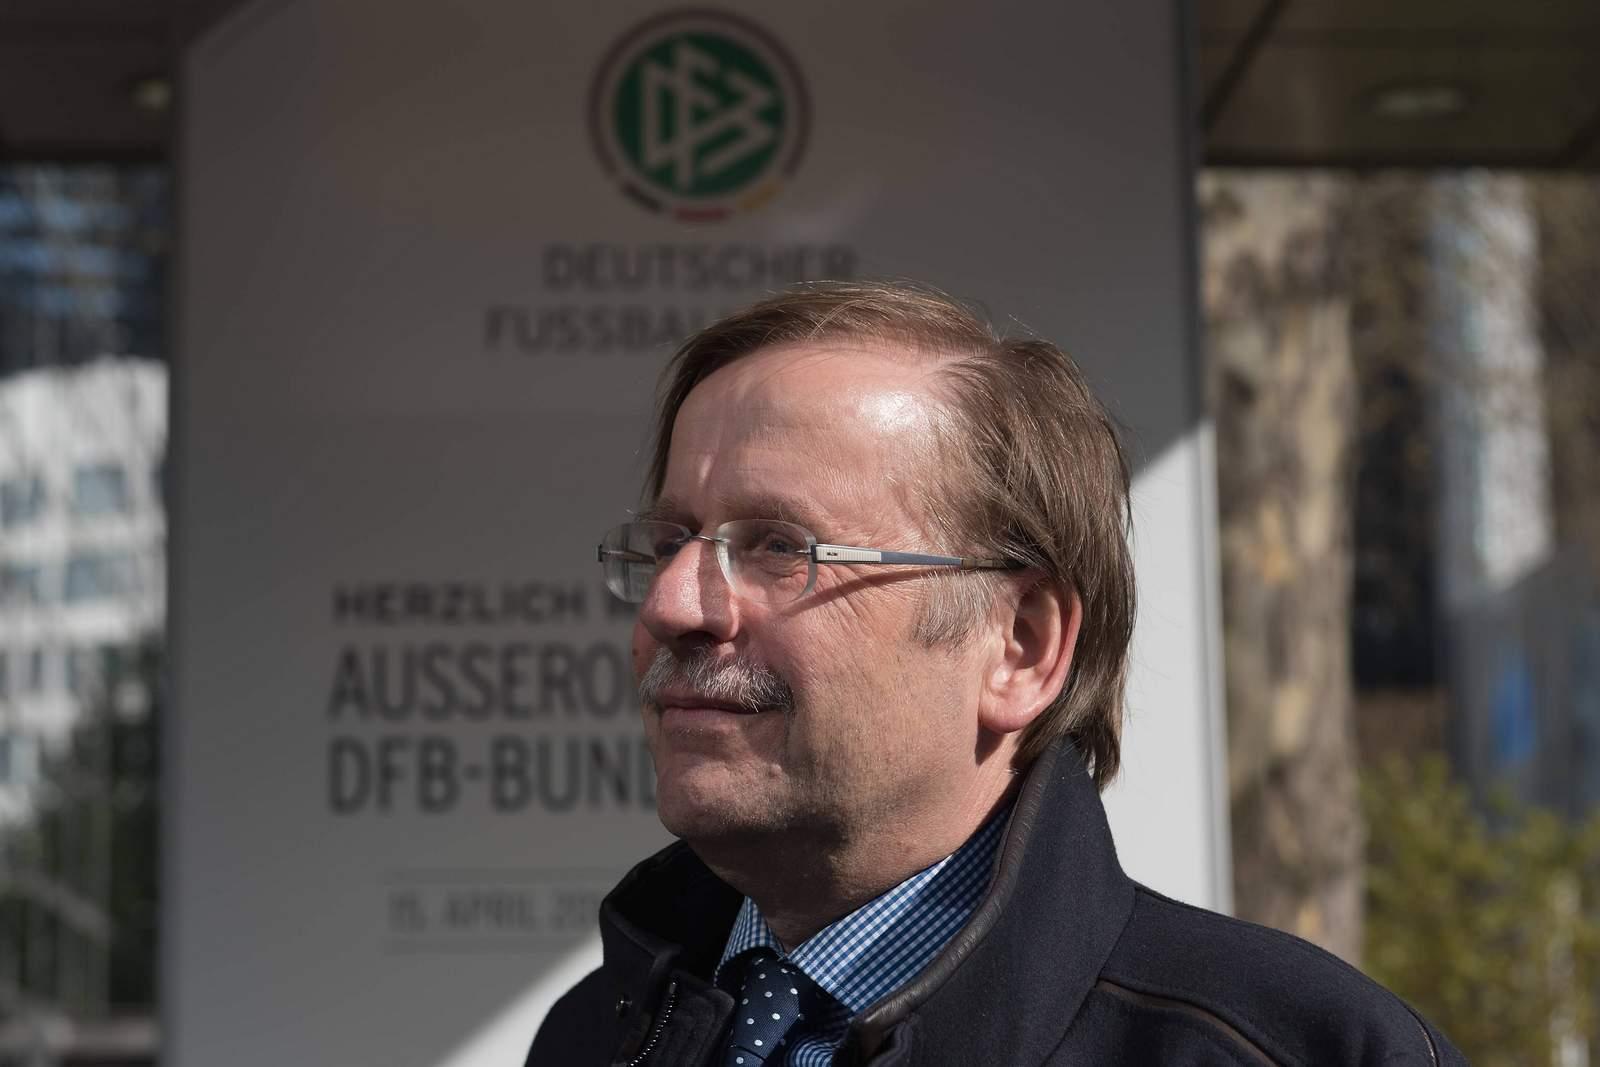 Uerdingens Schicksal in Händen: DFB-Vize Rainer Koch